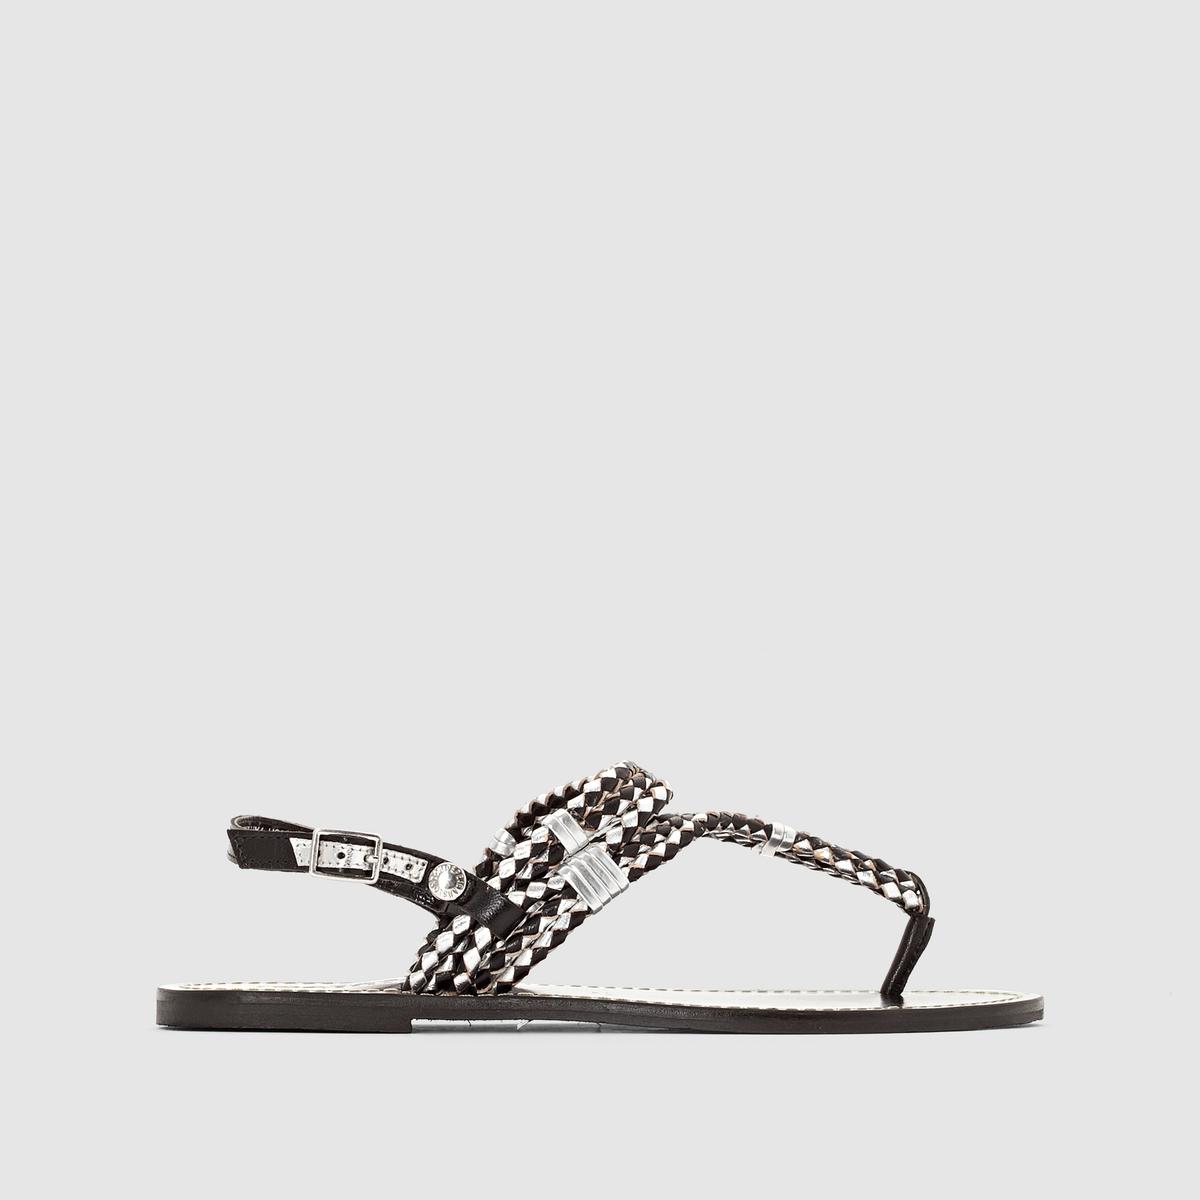 Сандалии из кожи PEPE JEANS JANE WOVEN METALLICУдачное сочетание ремешков и металлических вставок, сверхэлегантный  дизайн : даже простые сандалии Pepe Jeans превращает в модную обувь в стиле рок !<br><br>Цвет: черный<br>Размер: 36.38